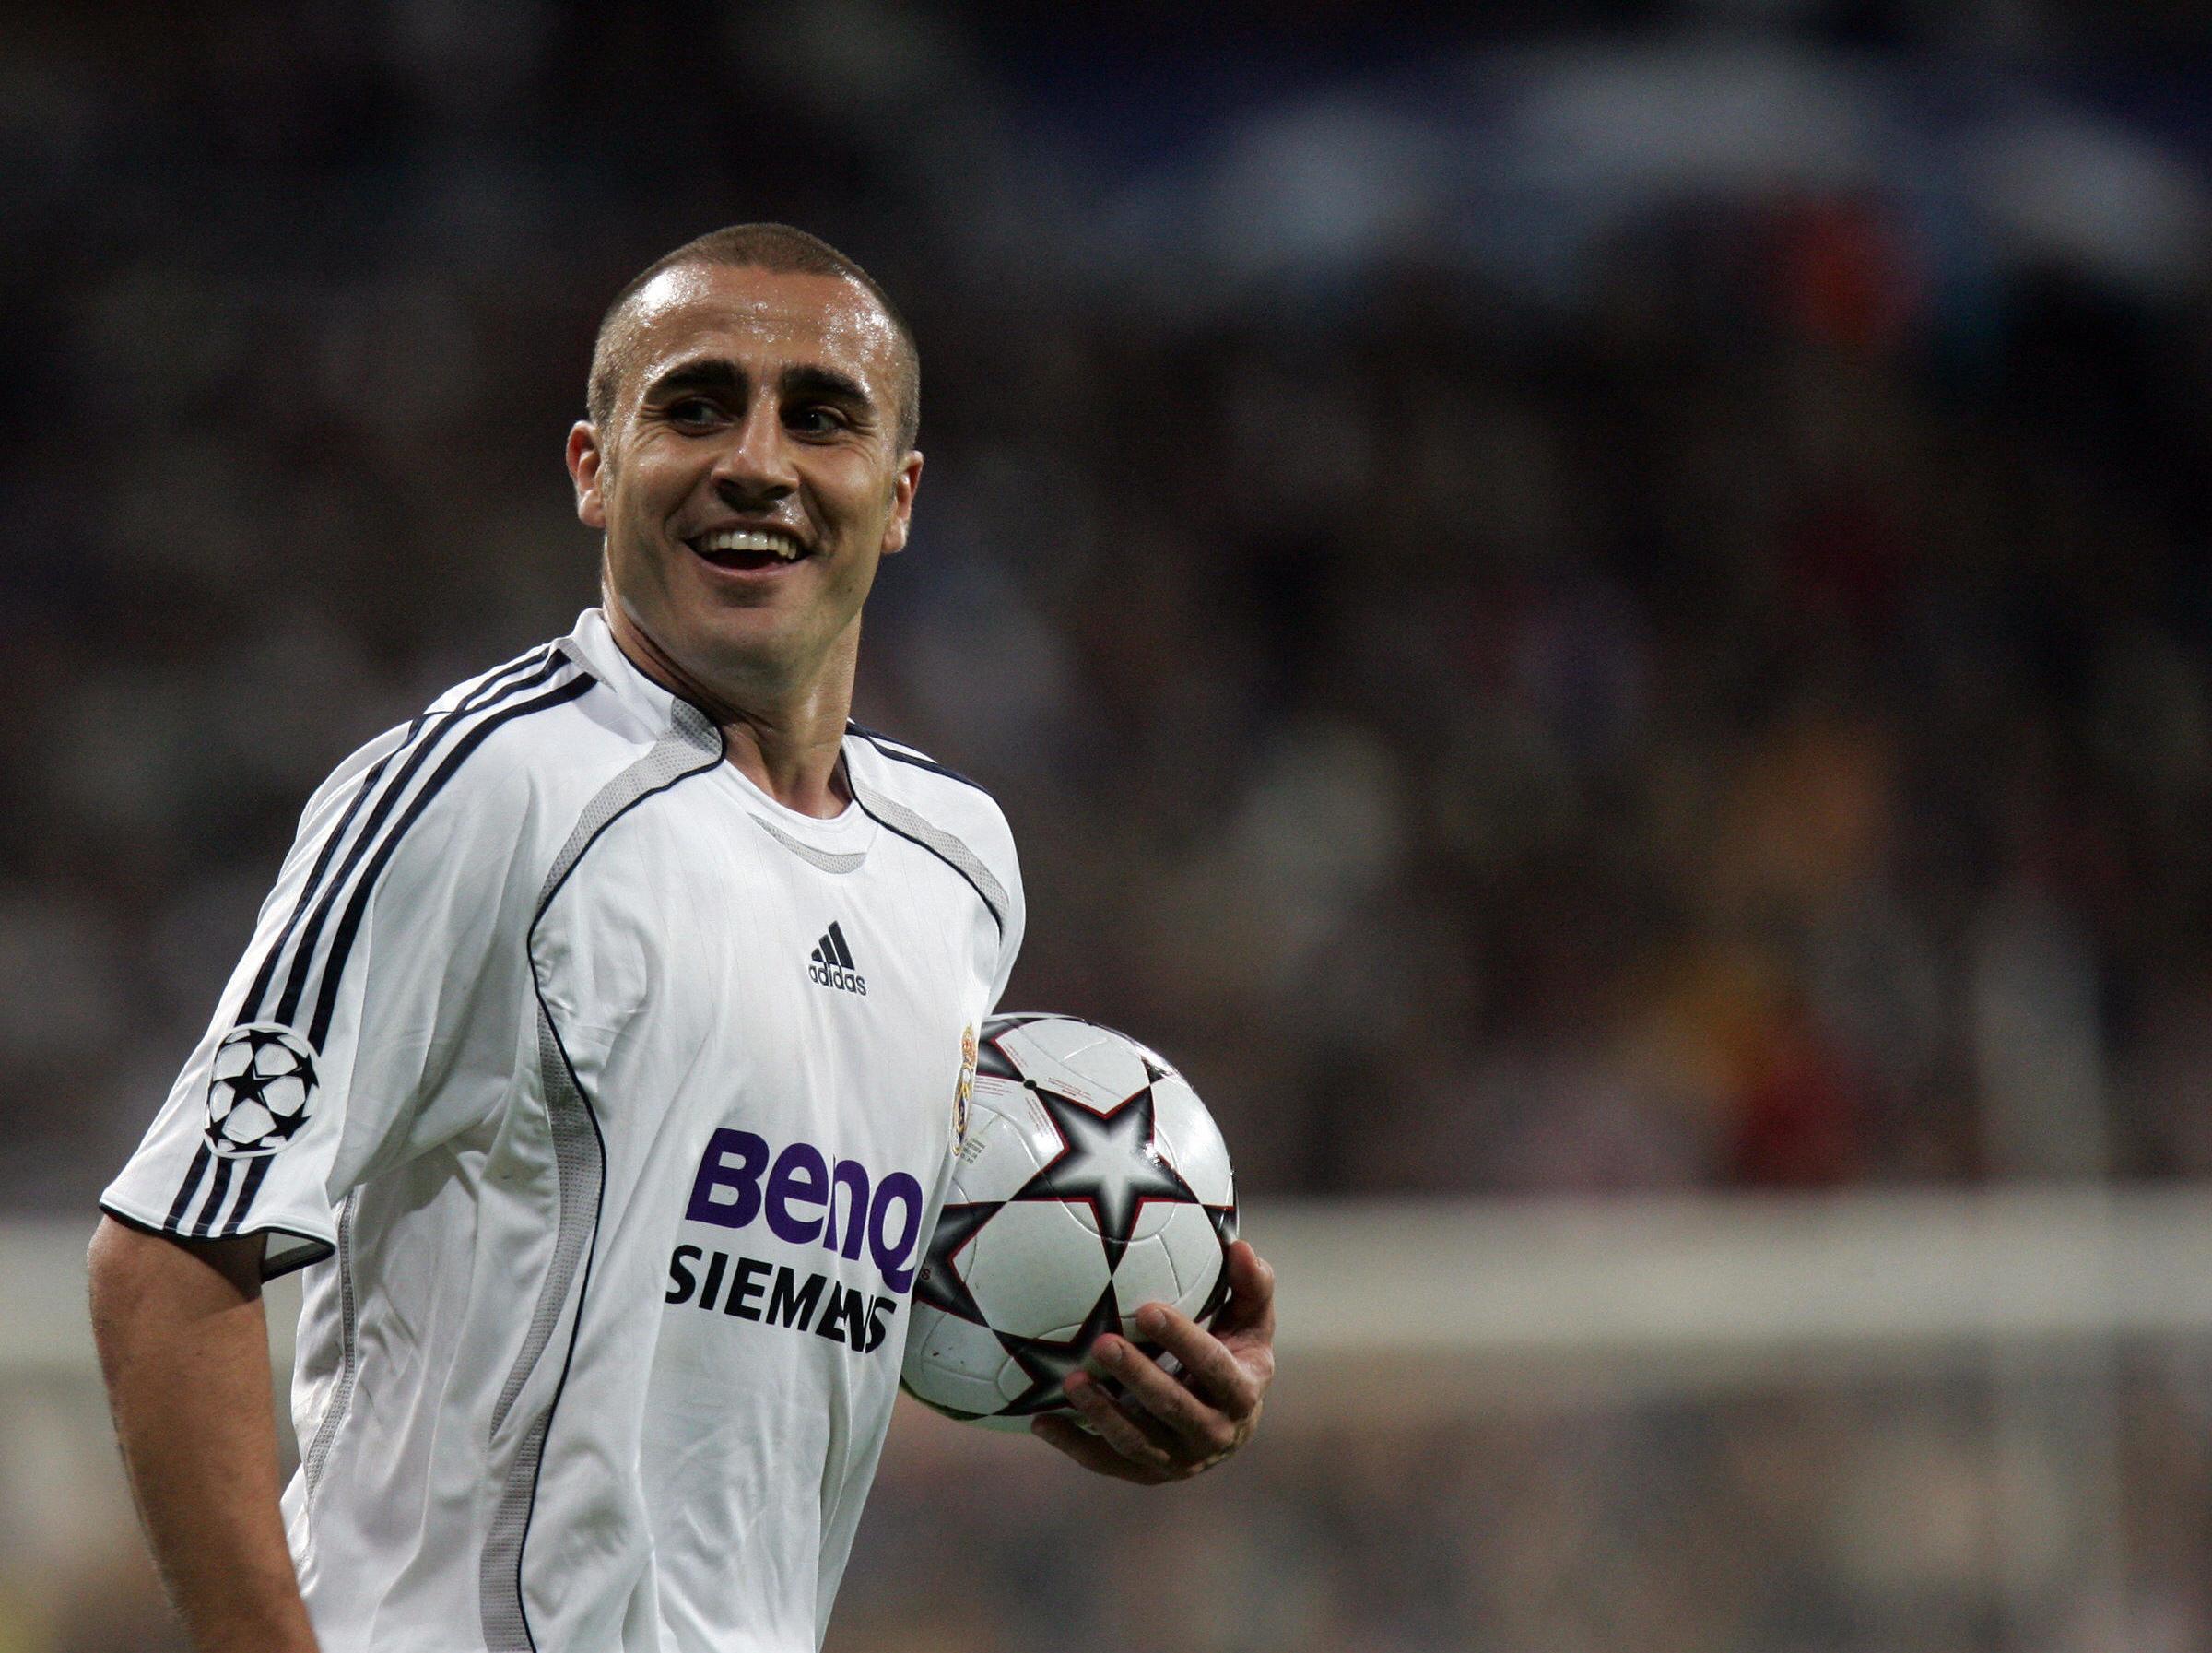 10. Fabio Cannavaro